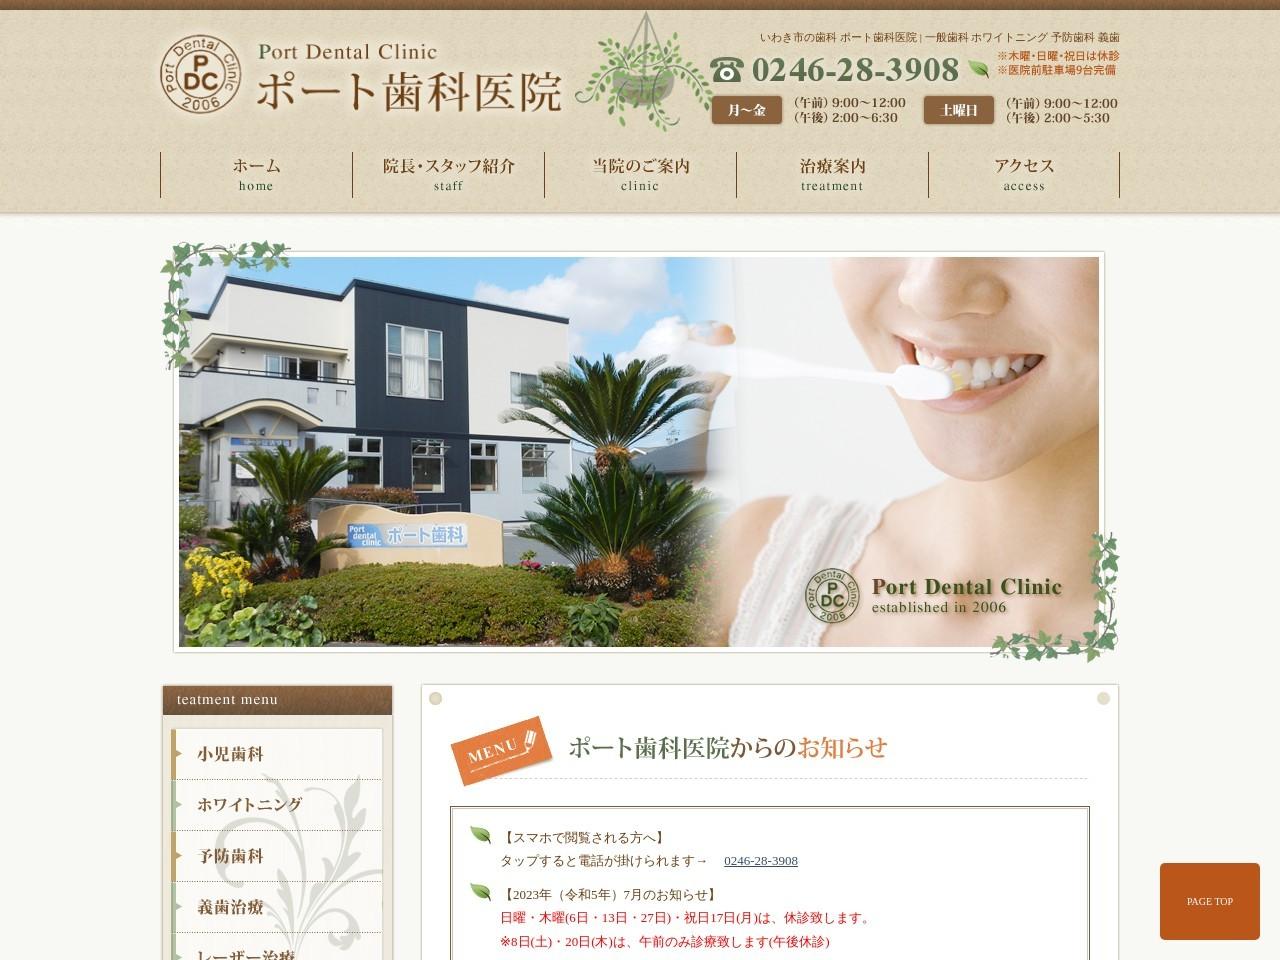 ポート歯科医院 (福島県いわき市)